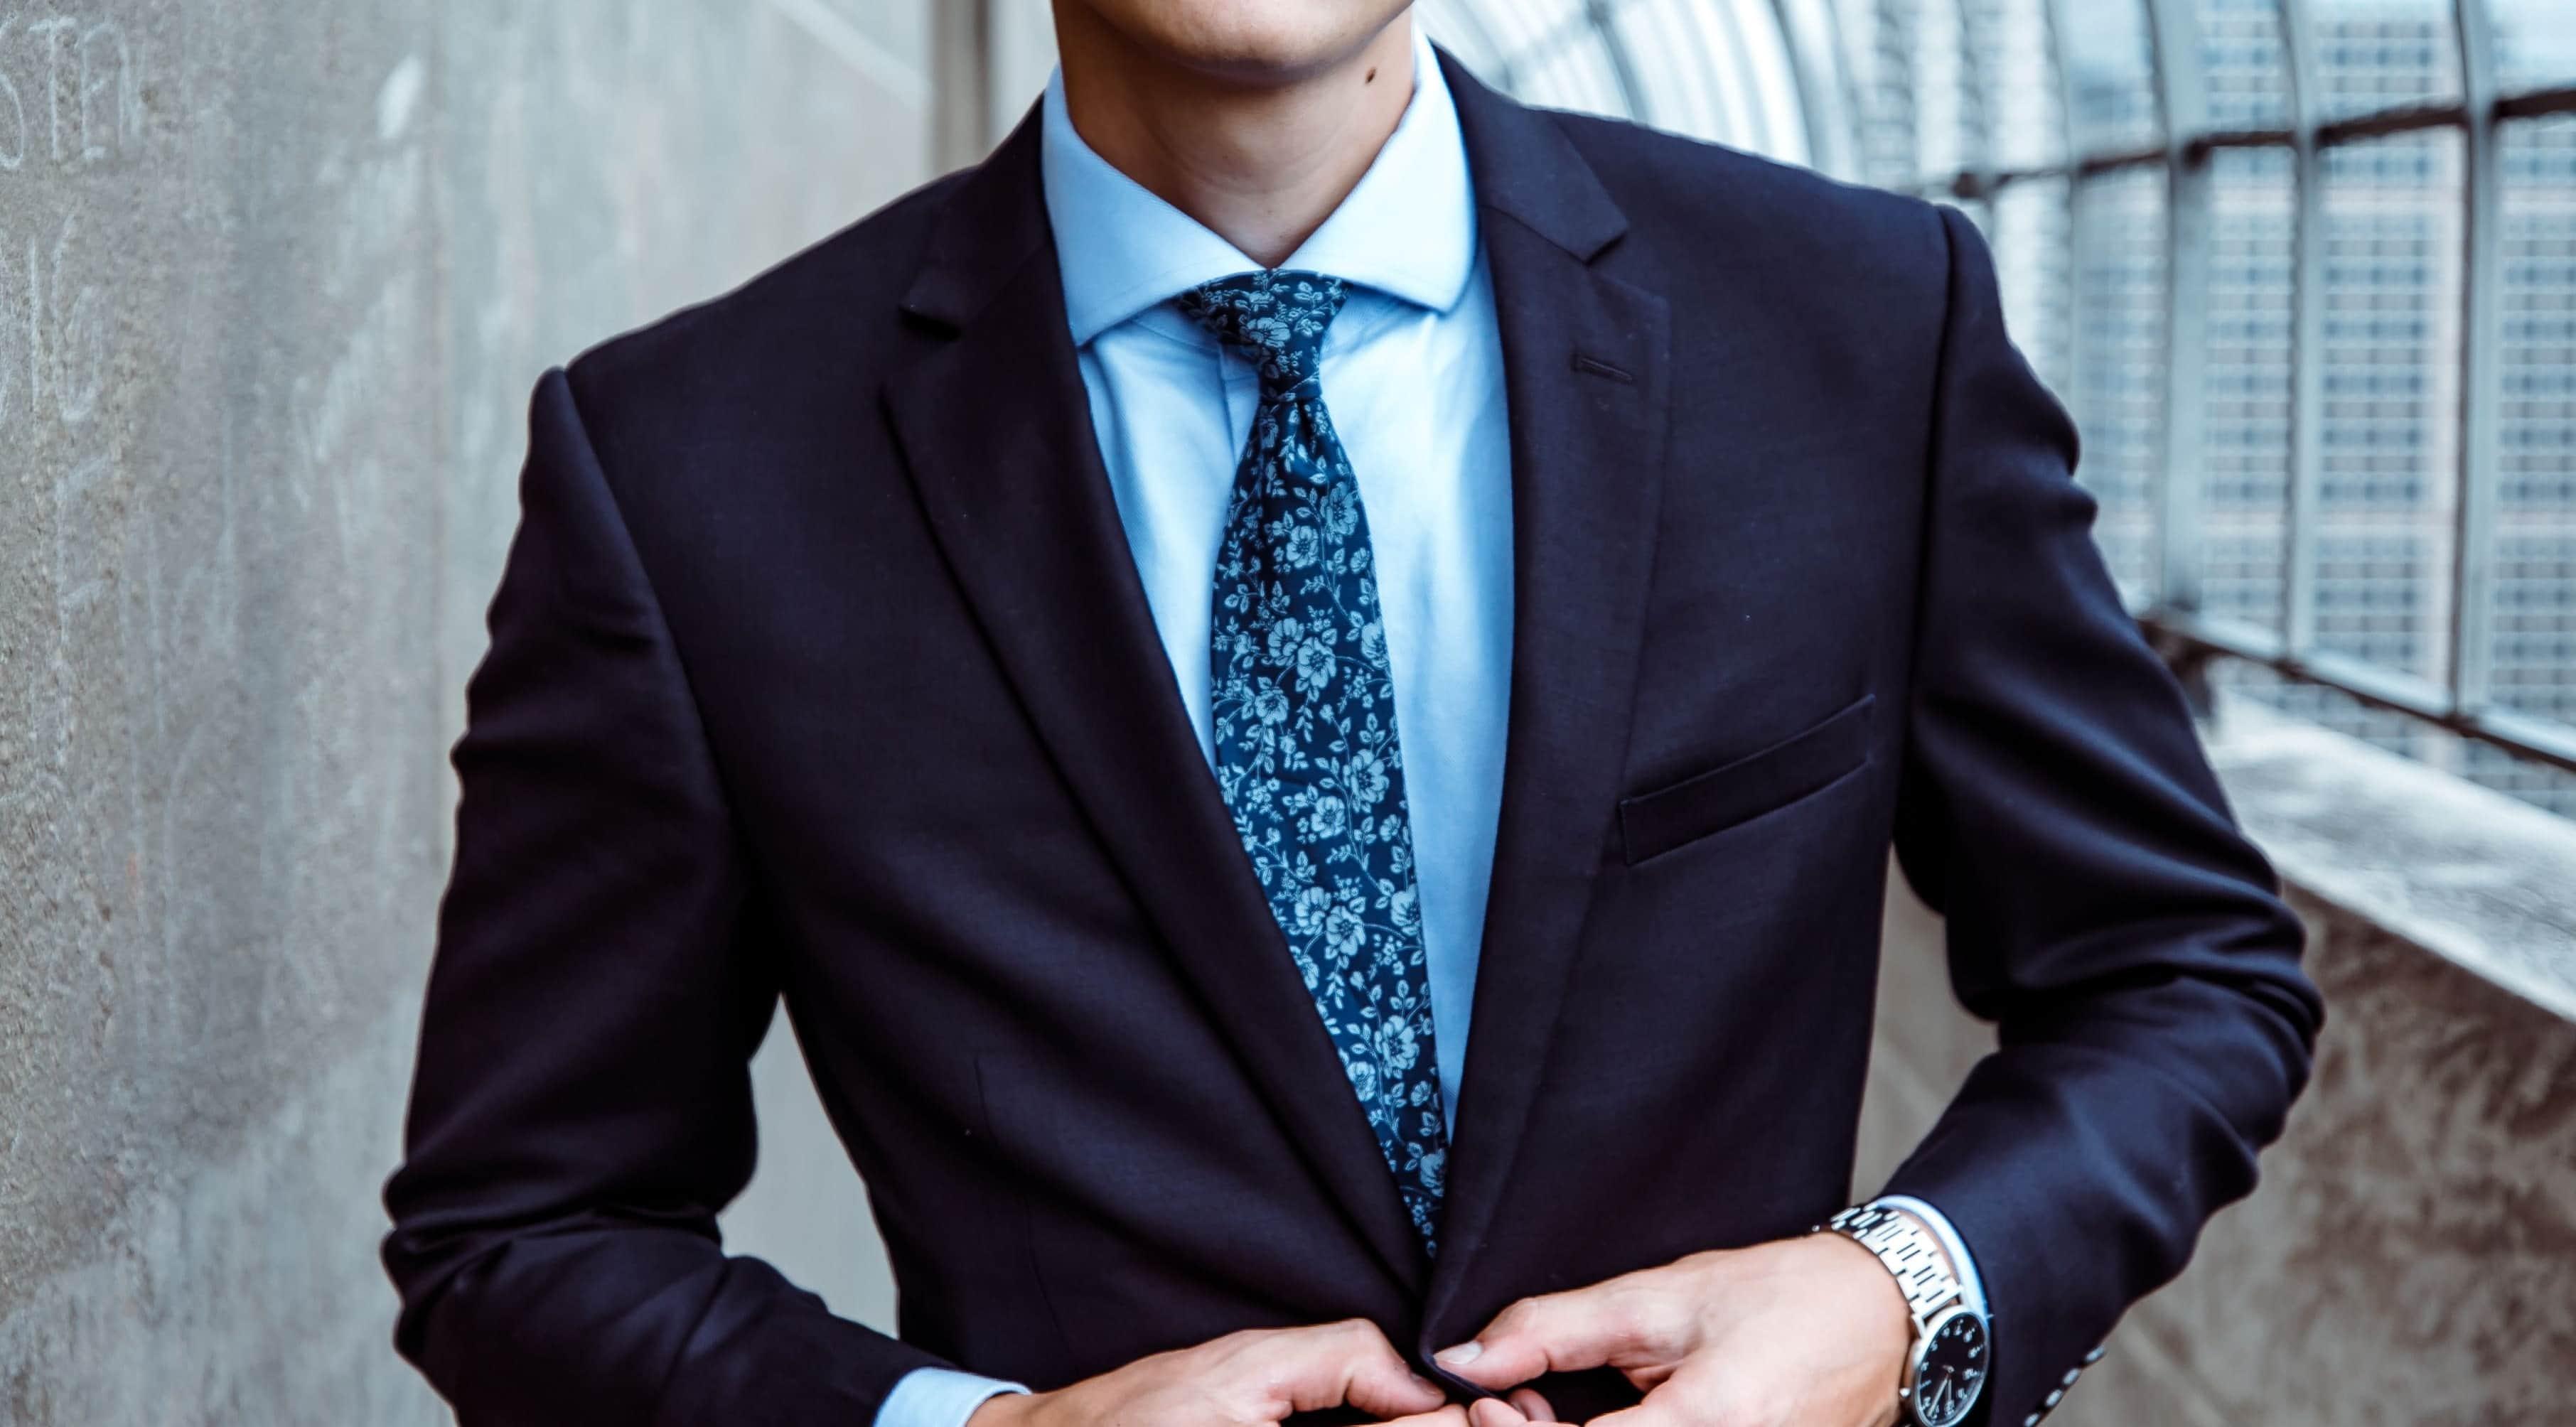 ネクタイのクリーニング